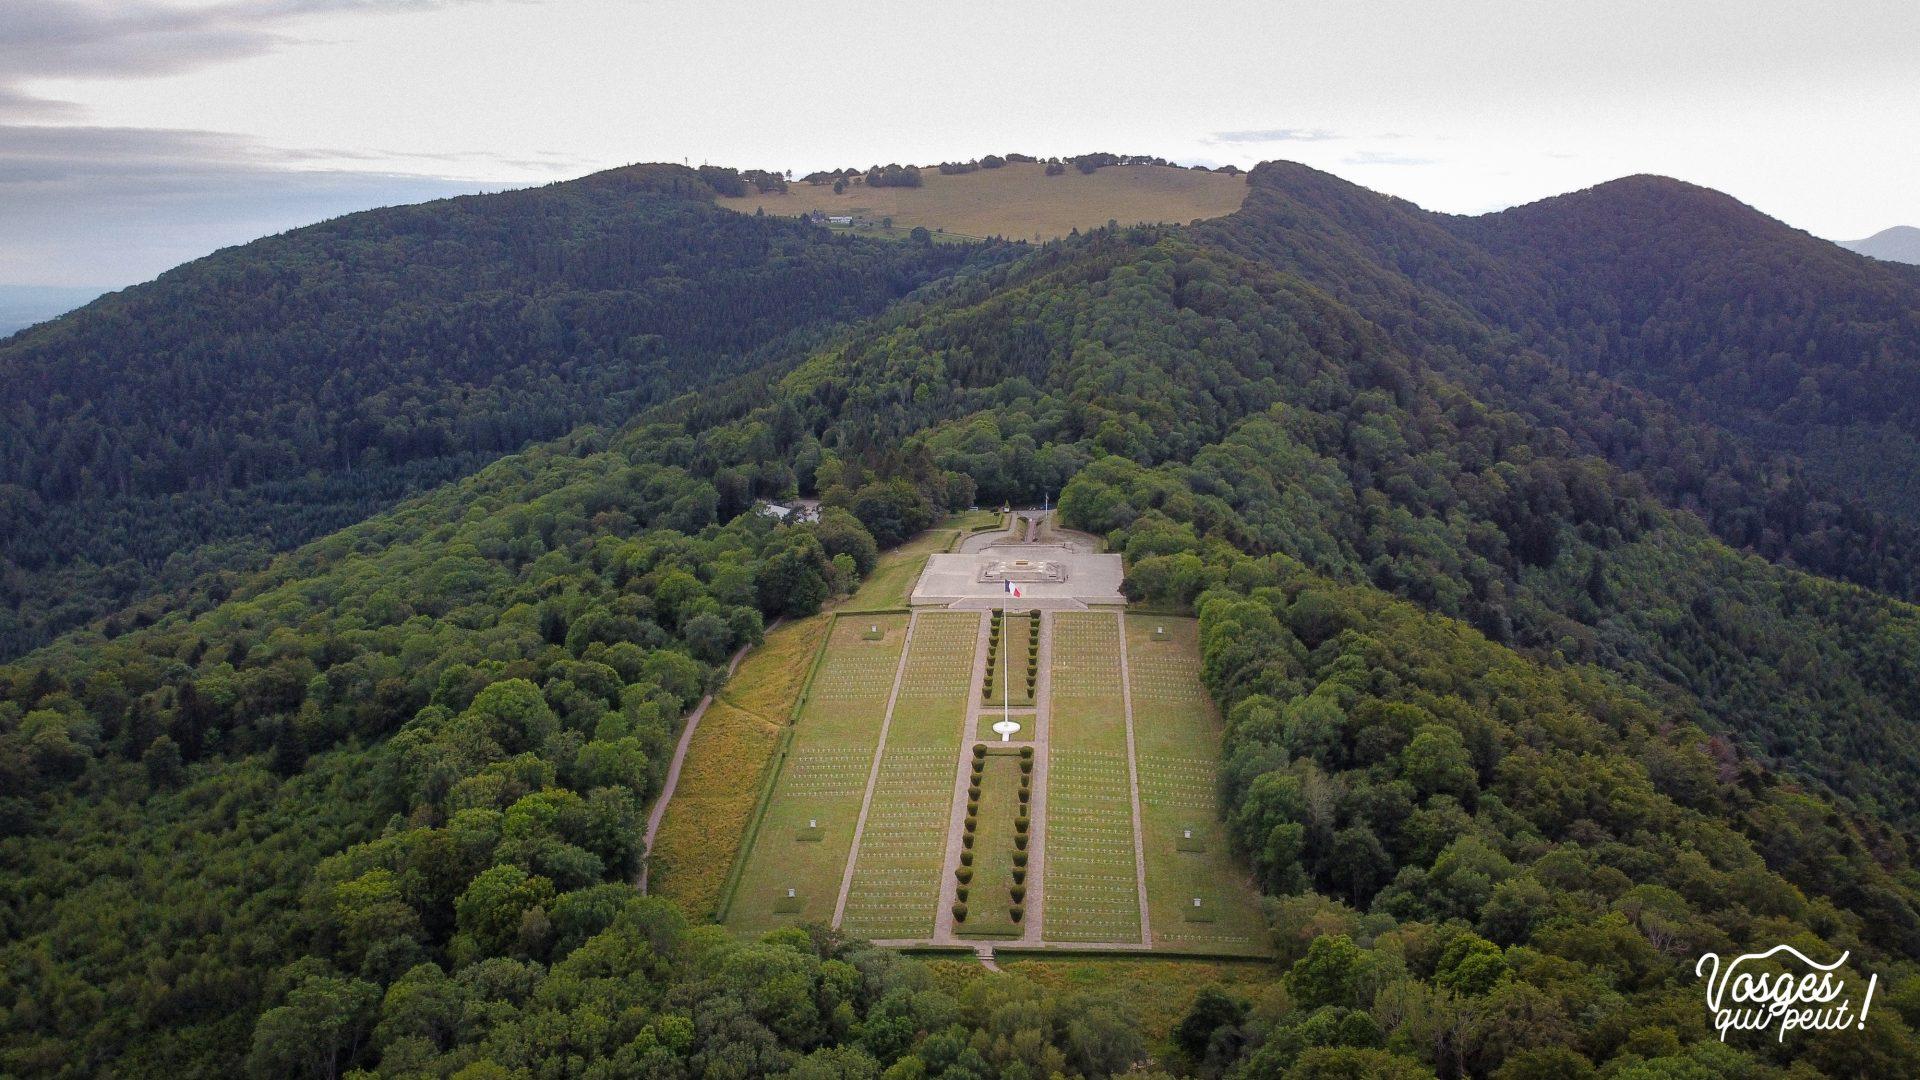 Vue aérienne de la Nécropole nationale du Hartmannswillerkopf dans les Vosges